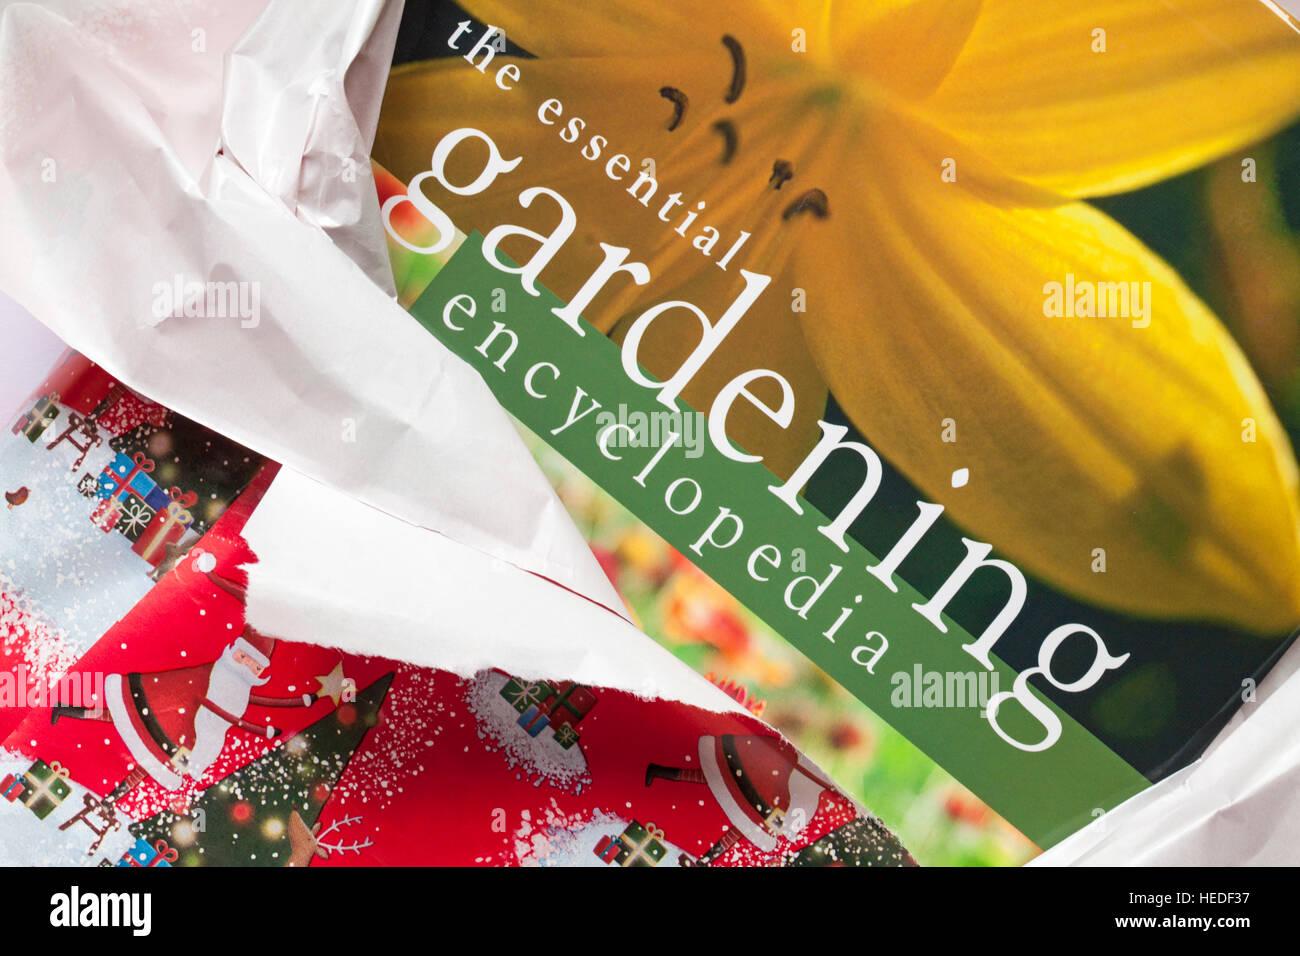 Desenvolver jardín regalo de Navidad - La enciclopedia de jardinería esencial libro Imagen De Stock